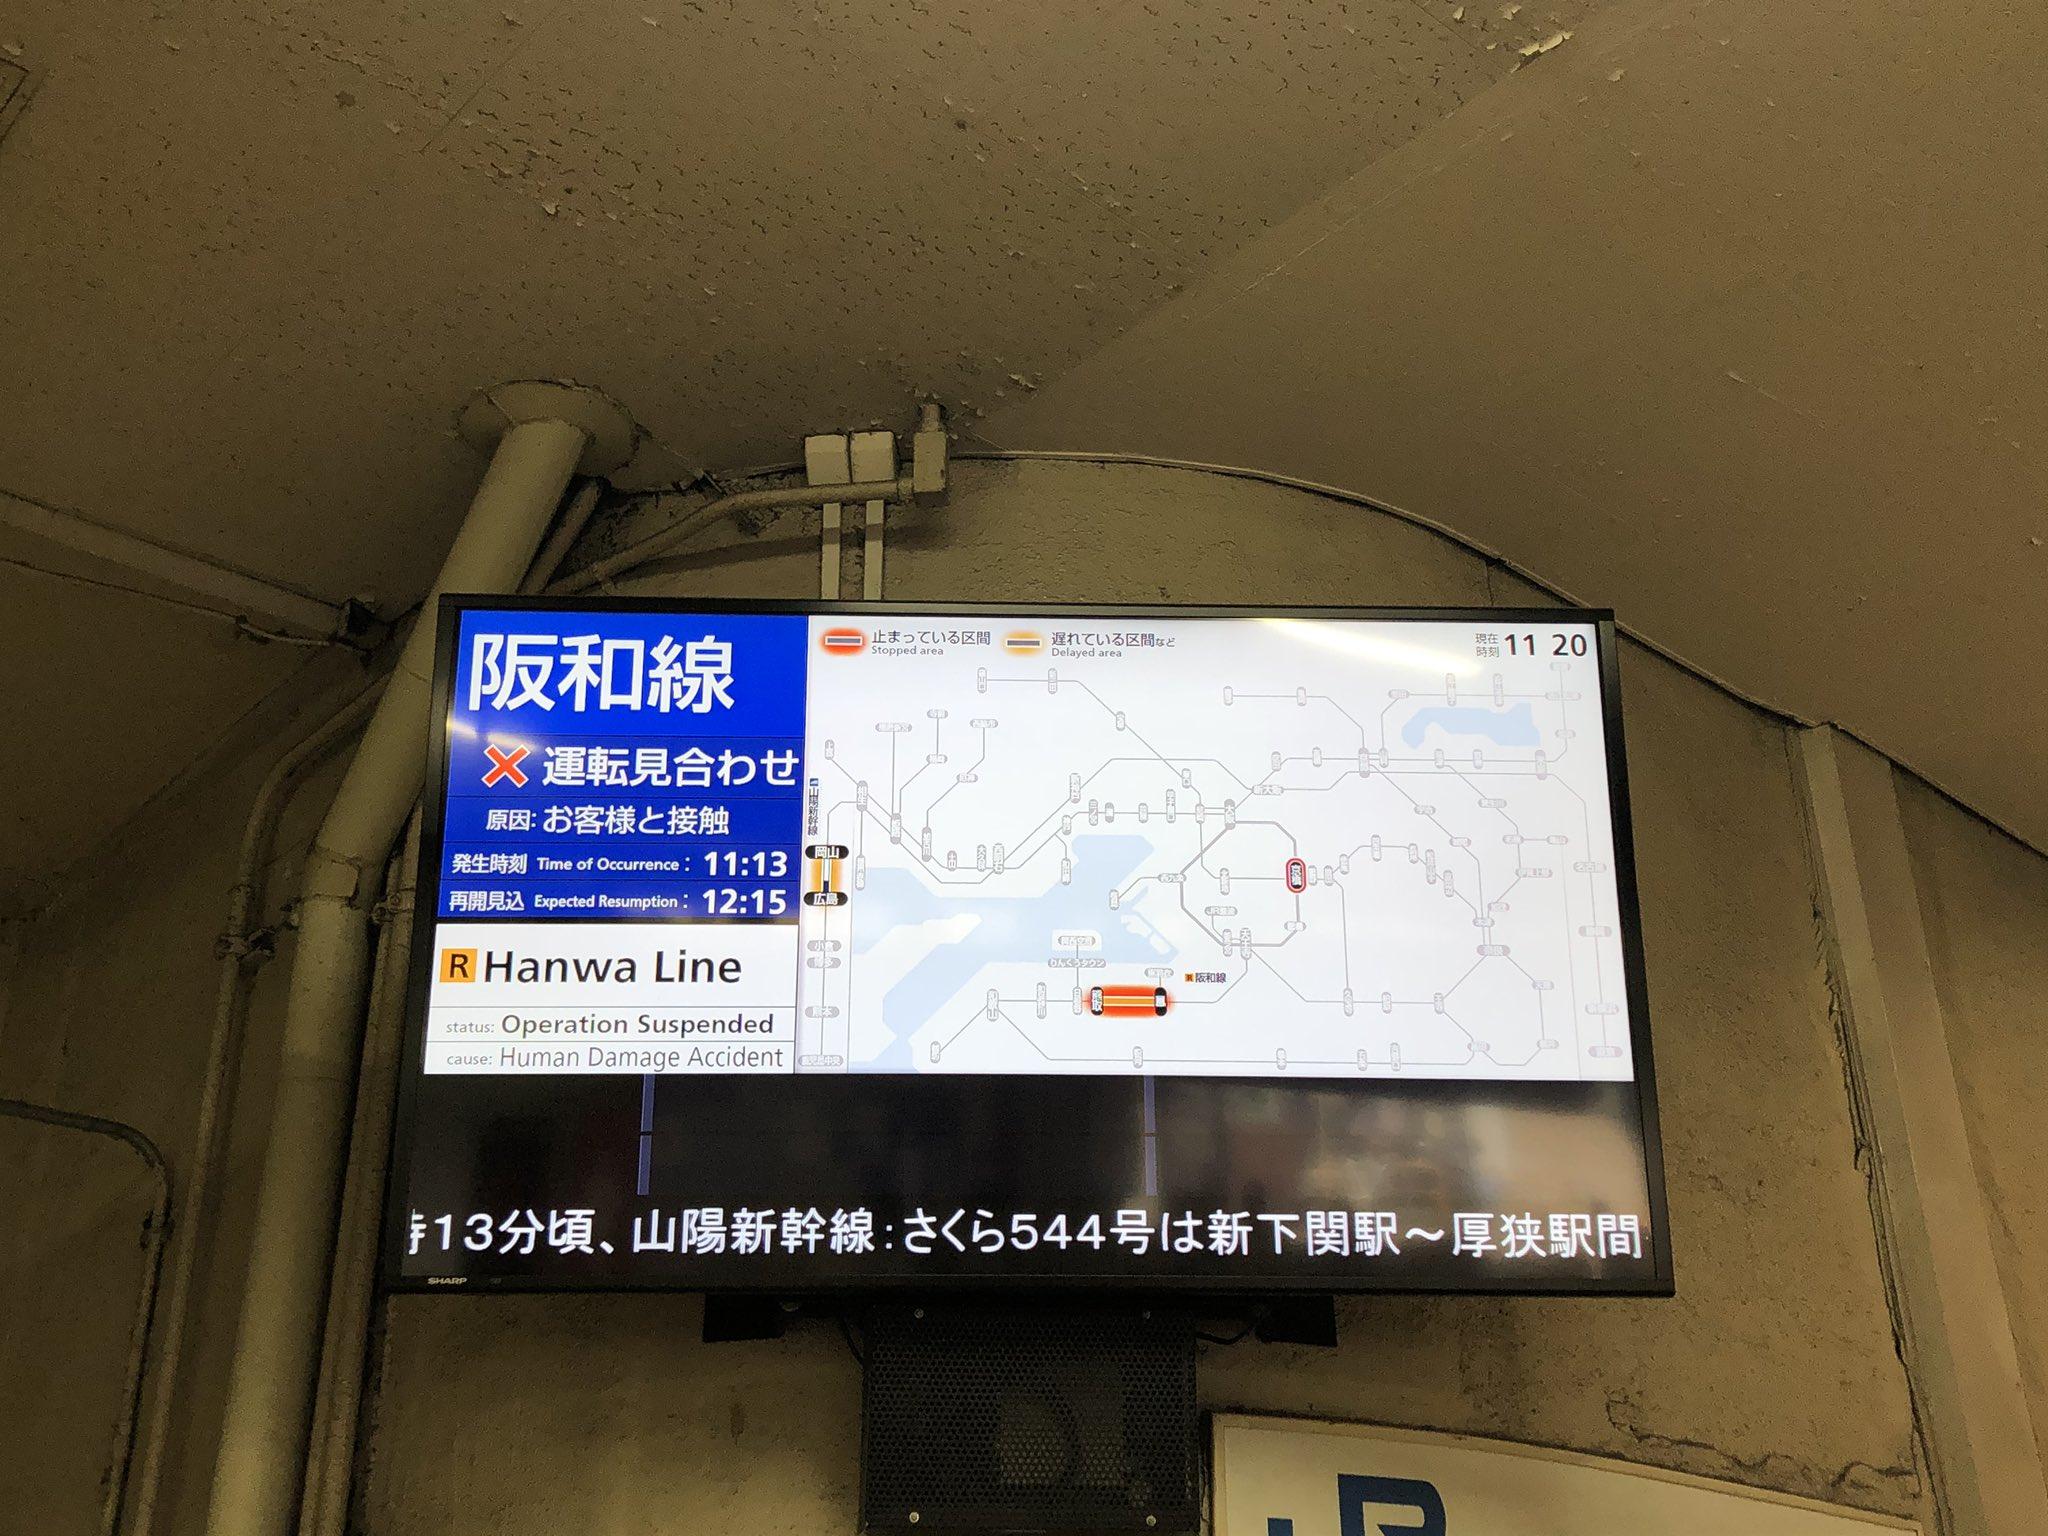 画像,これから阪和行こうとしたらこれ https://t.co/zwKng294SQ。